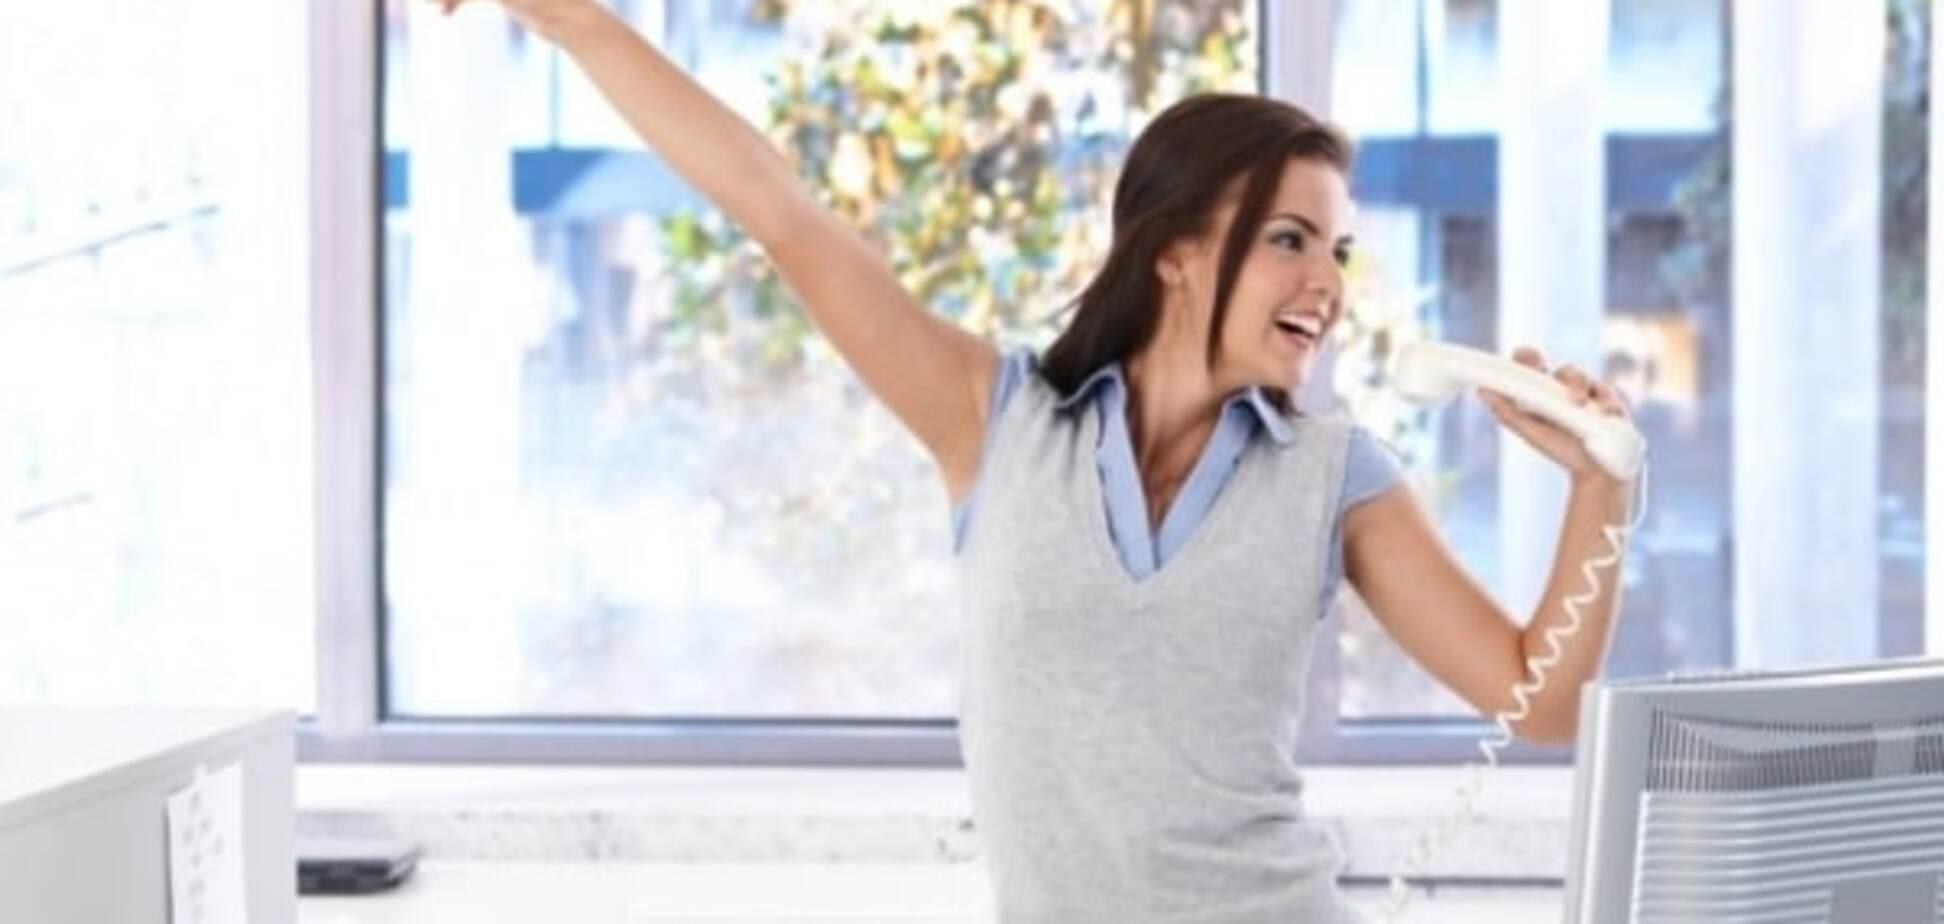 Як накачати прес прямо на робочому місці: прості вправи